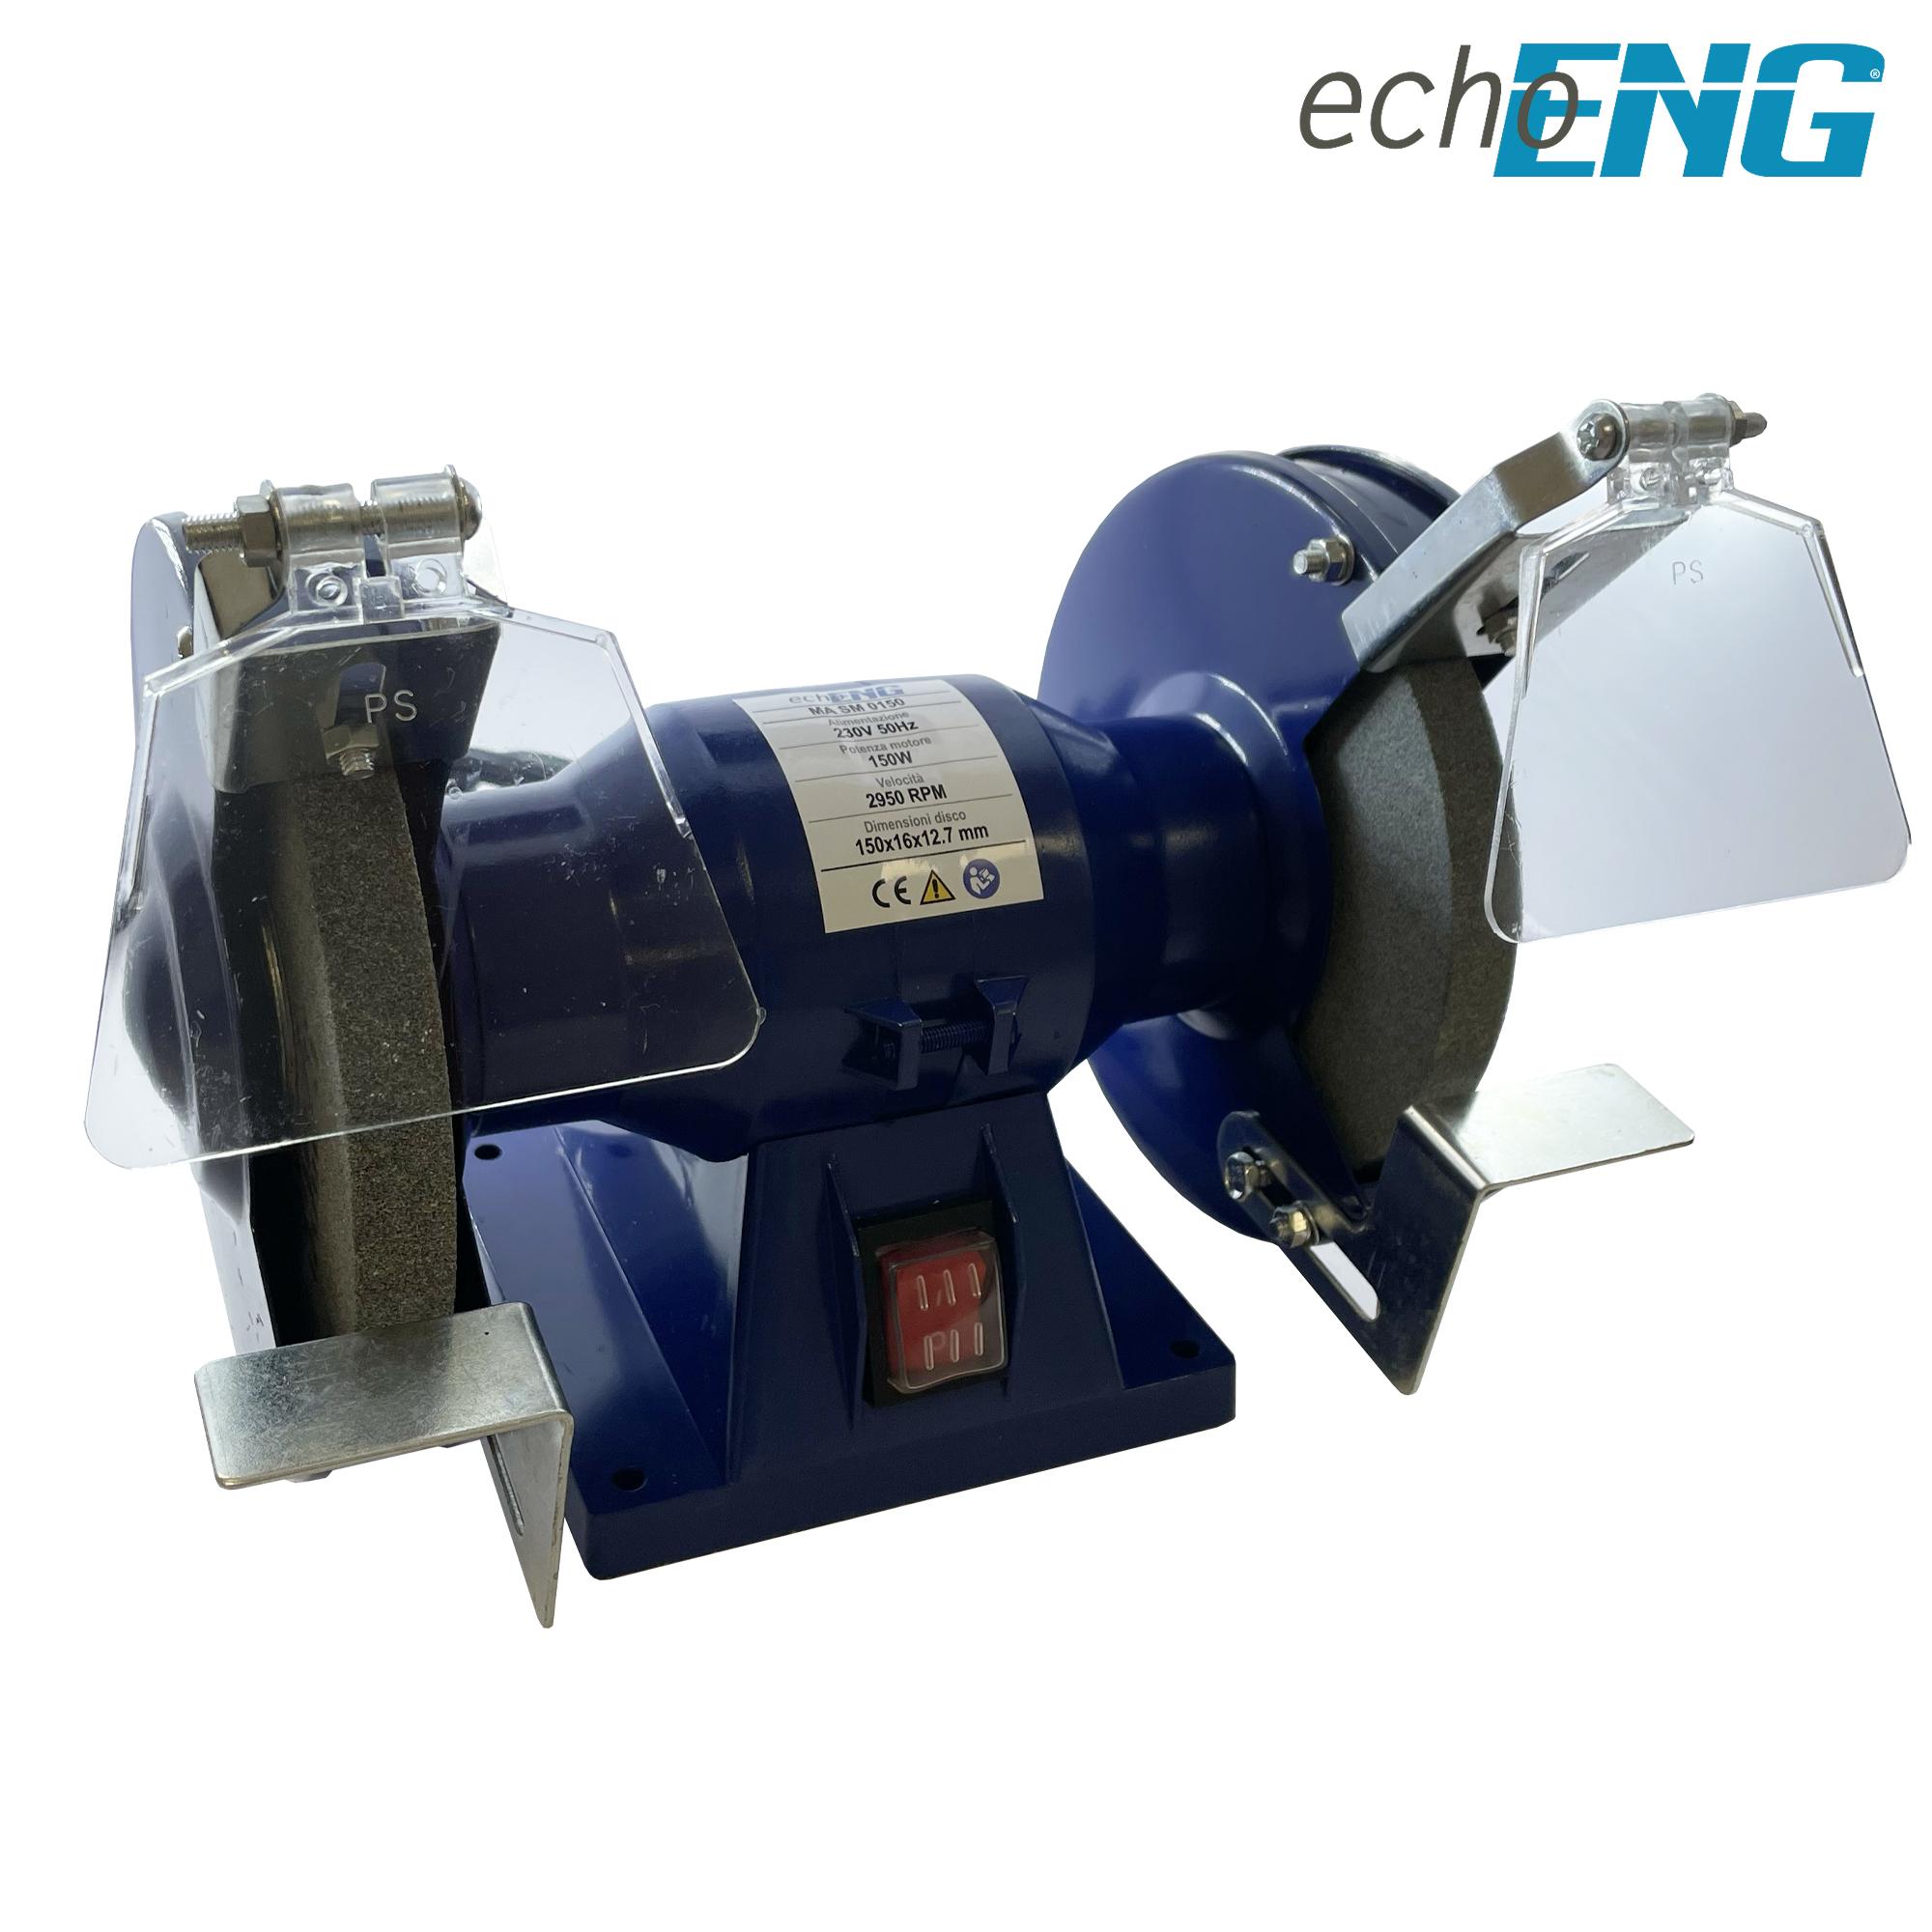 Doppia mola smerigliatrice da banco professionale 200mm 1000W - MA SM 0200